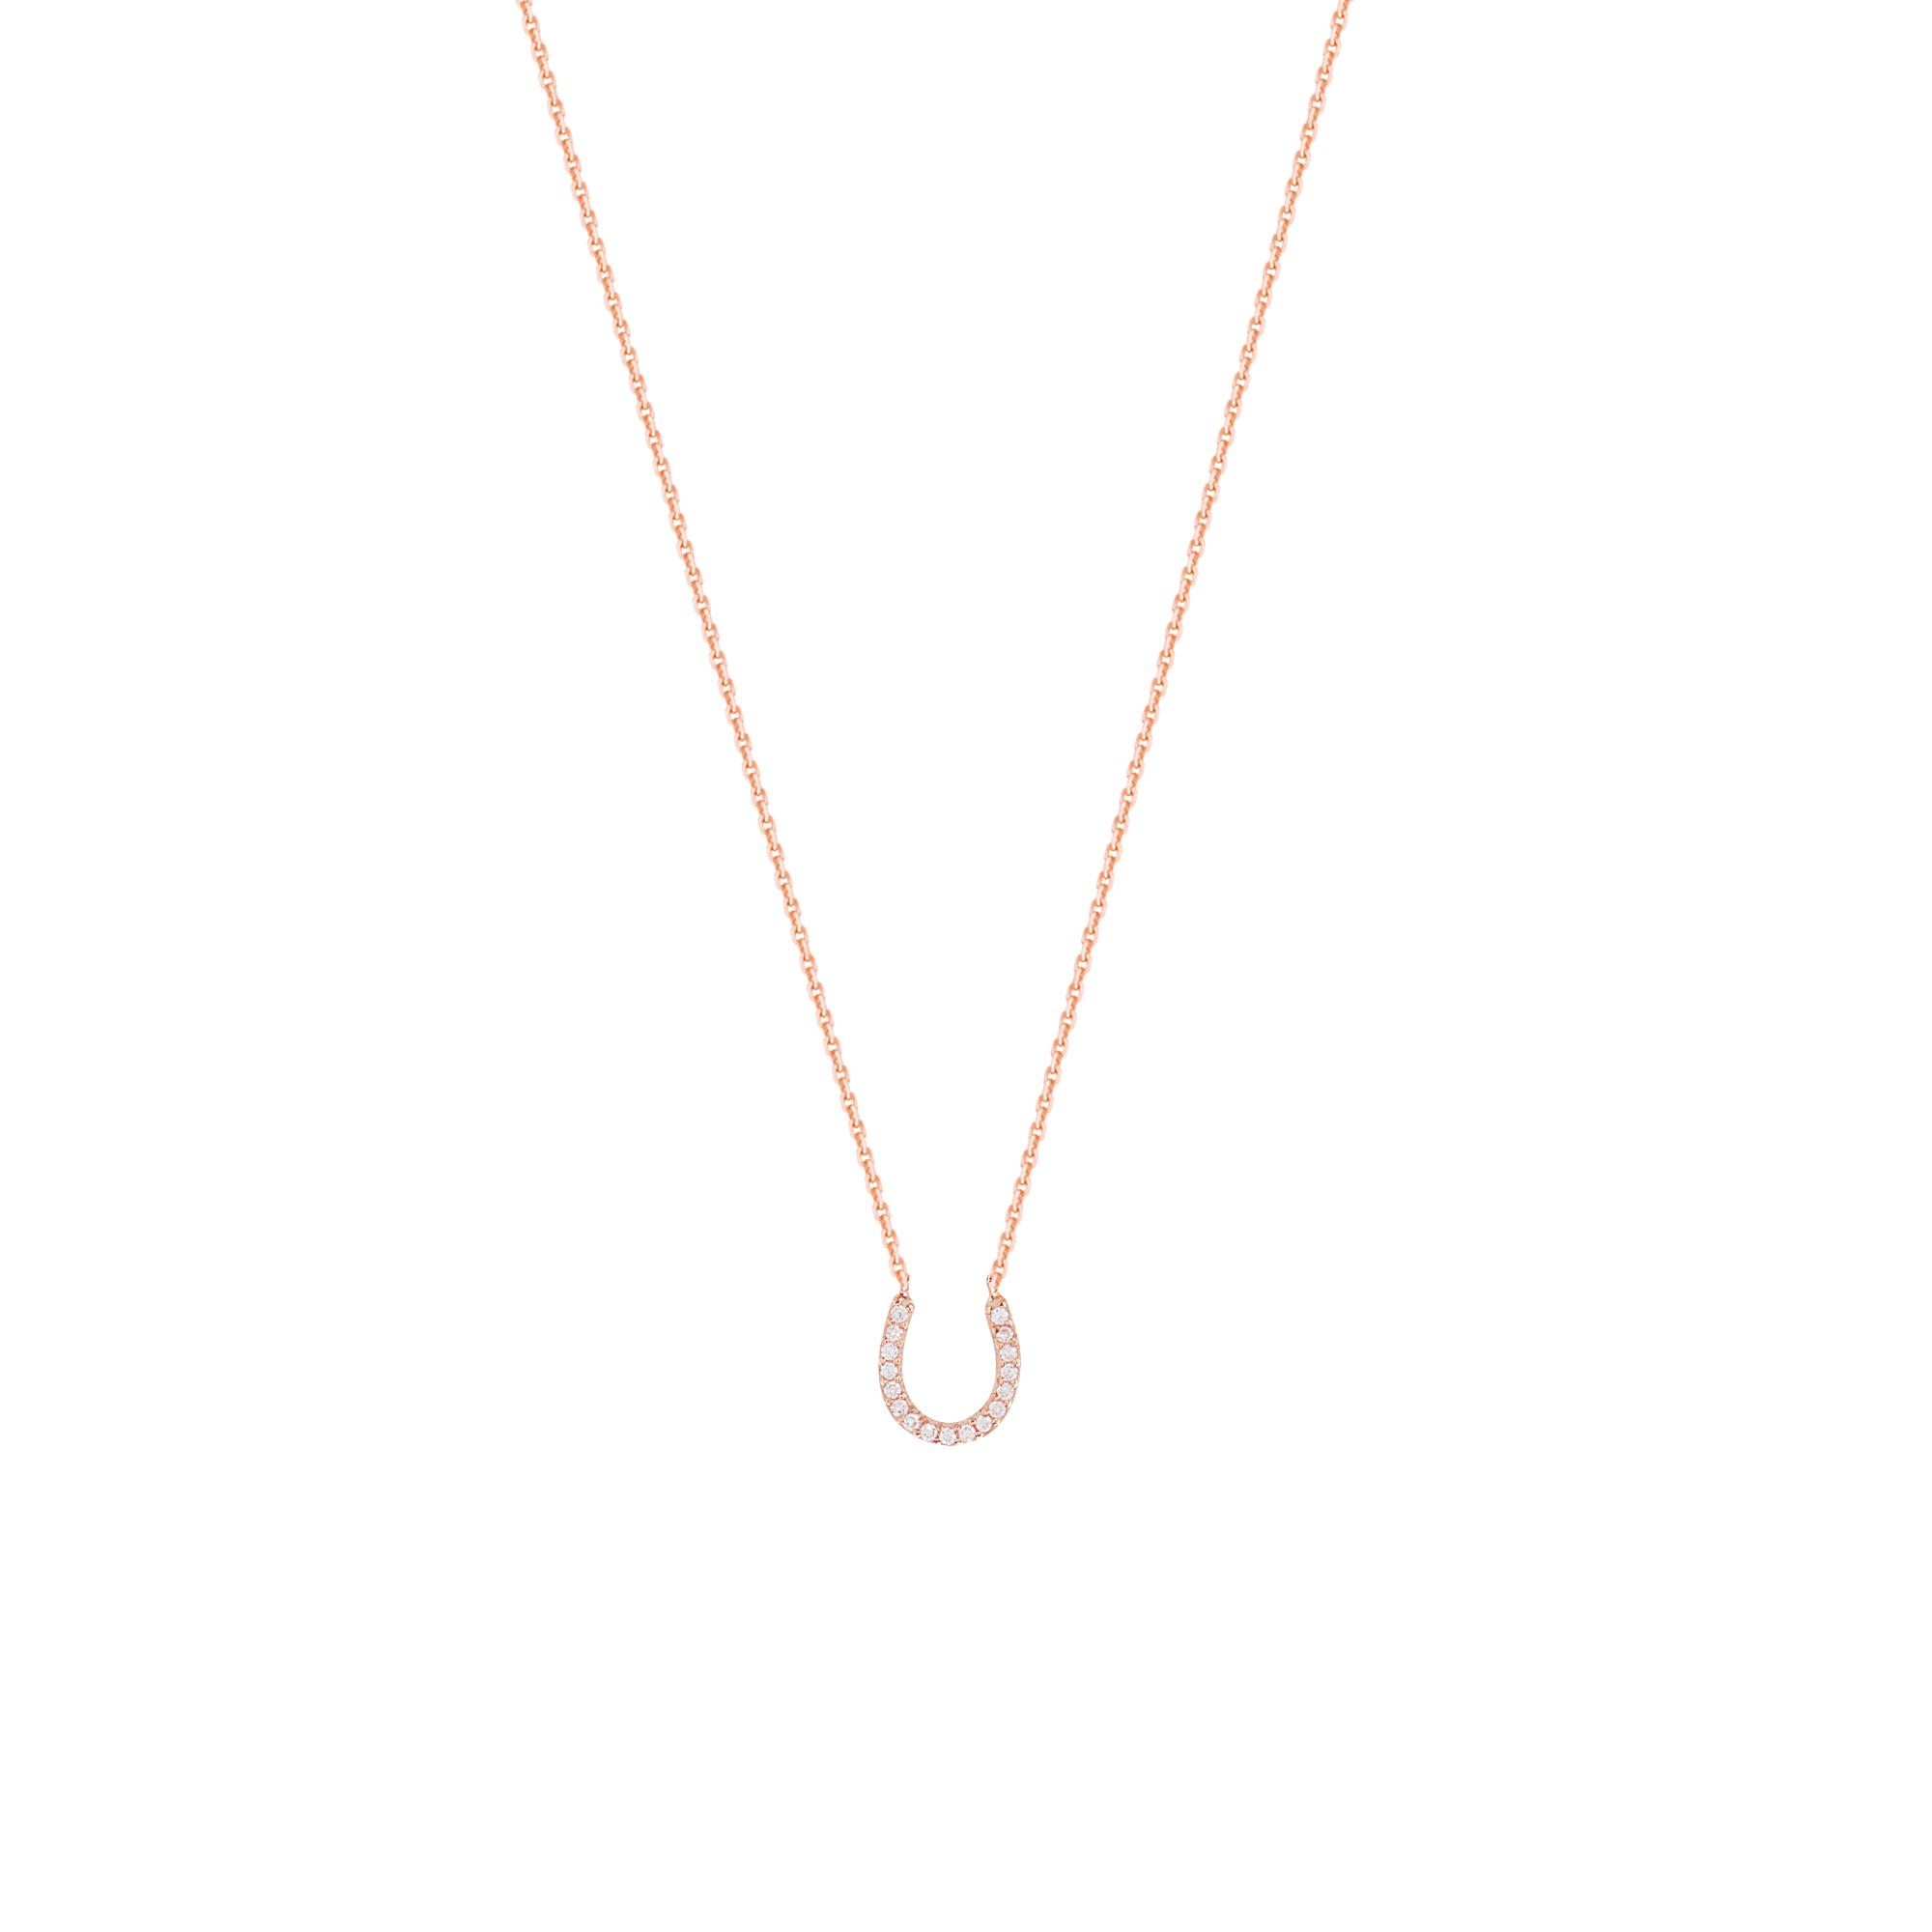 Horseshoe Necklace,14 Kt Gold & Cz Horseshoe Necklace 18